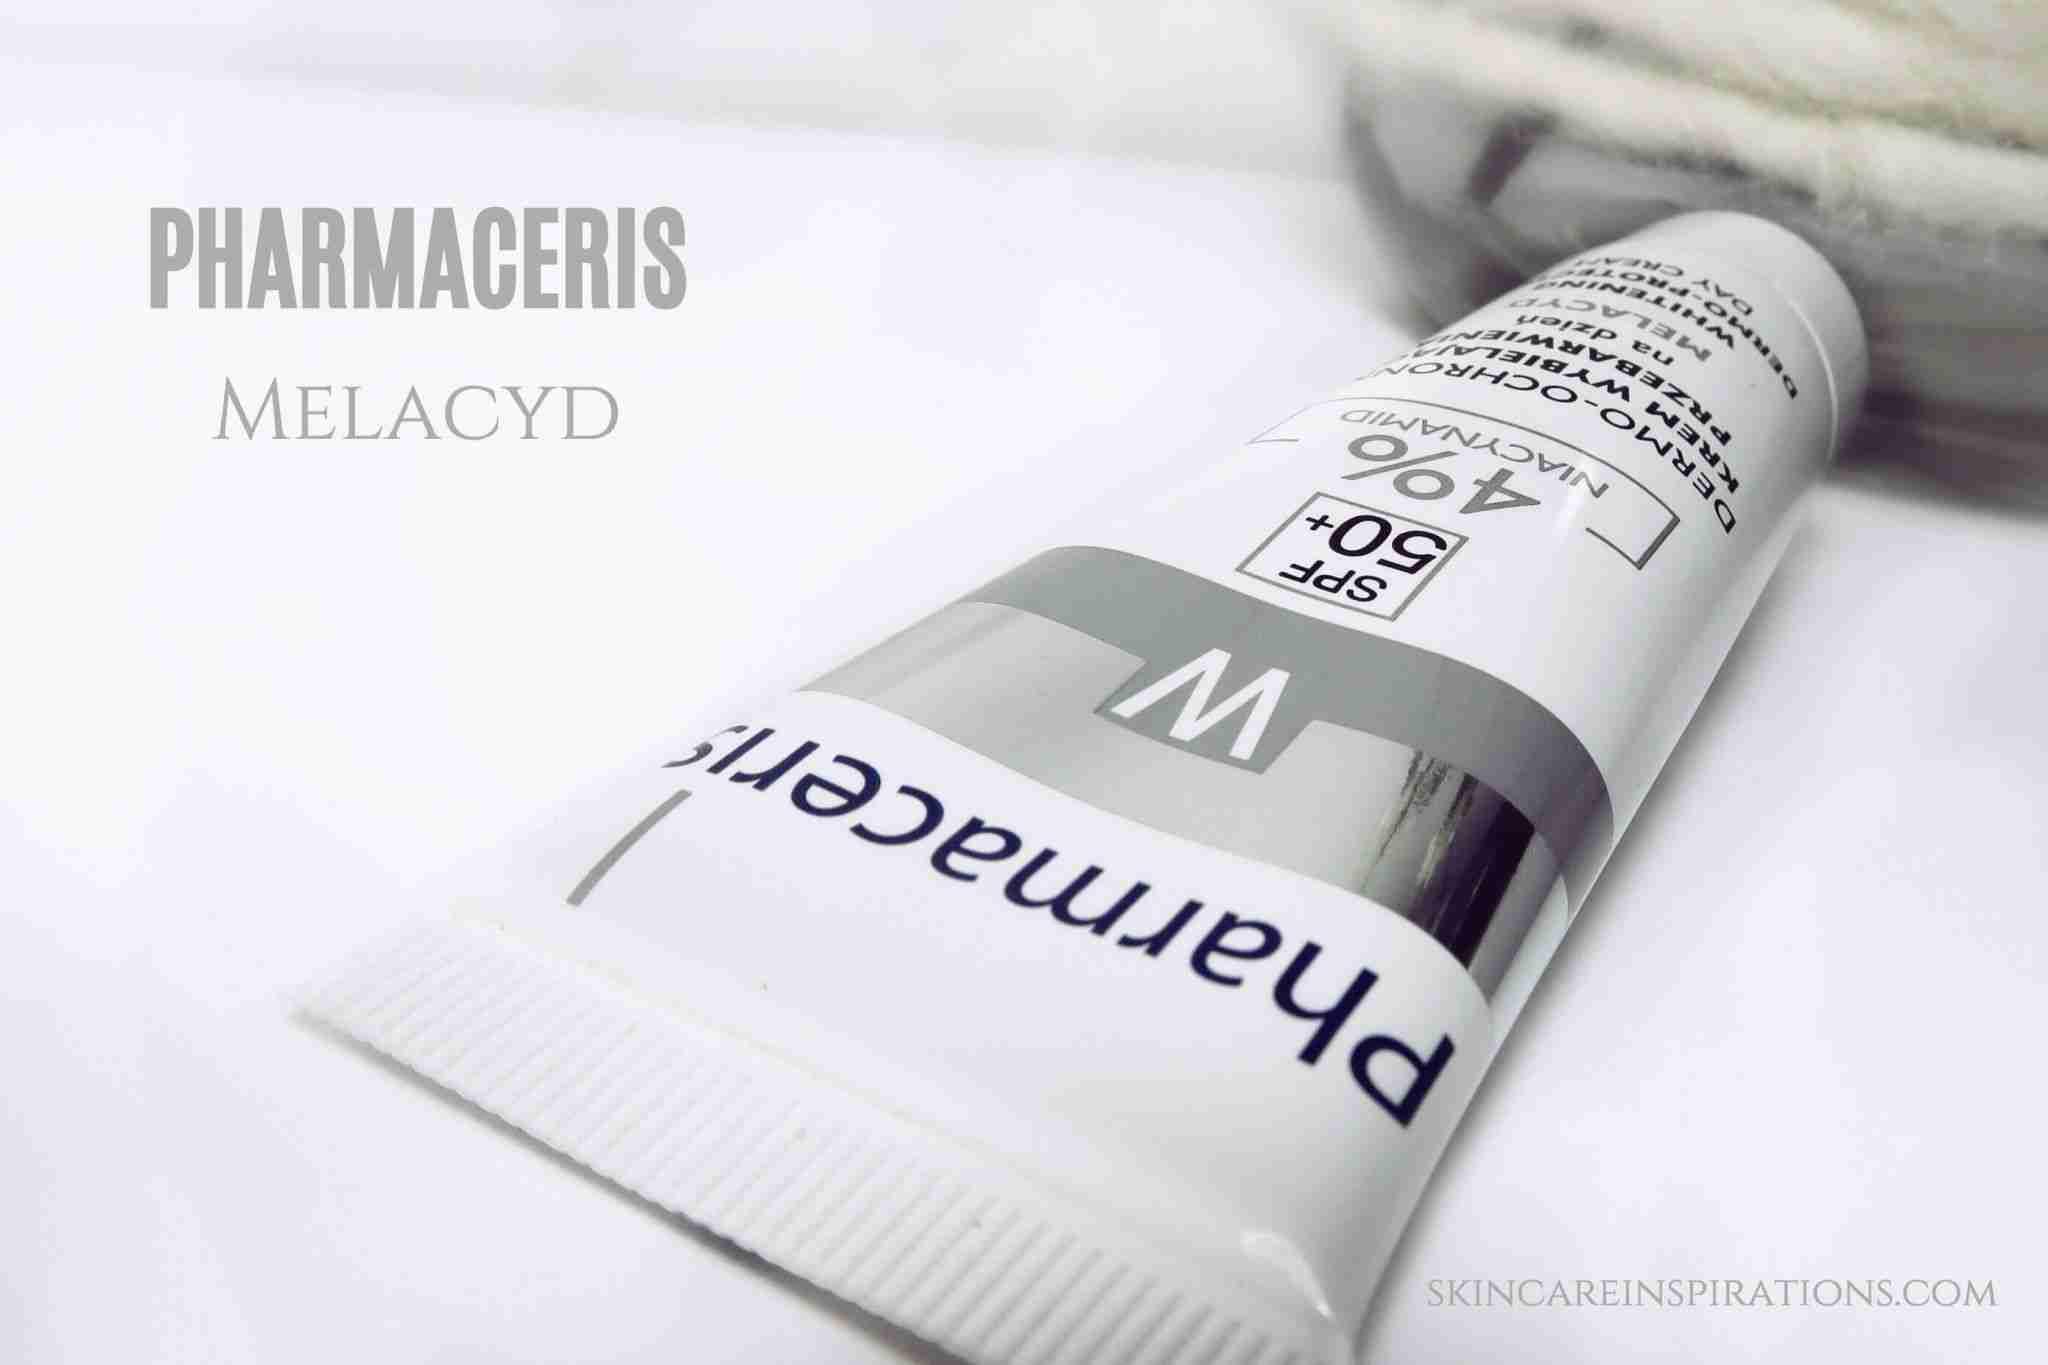 Pharmaceris Melacyd Sonnenschutz